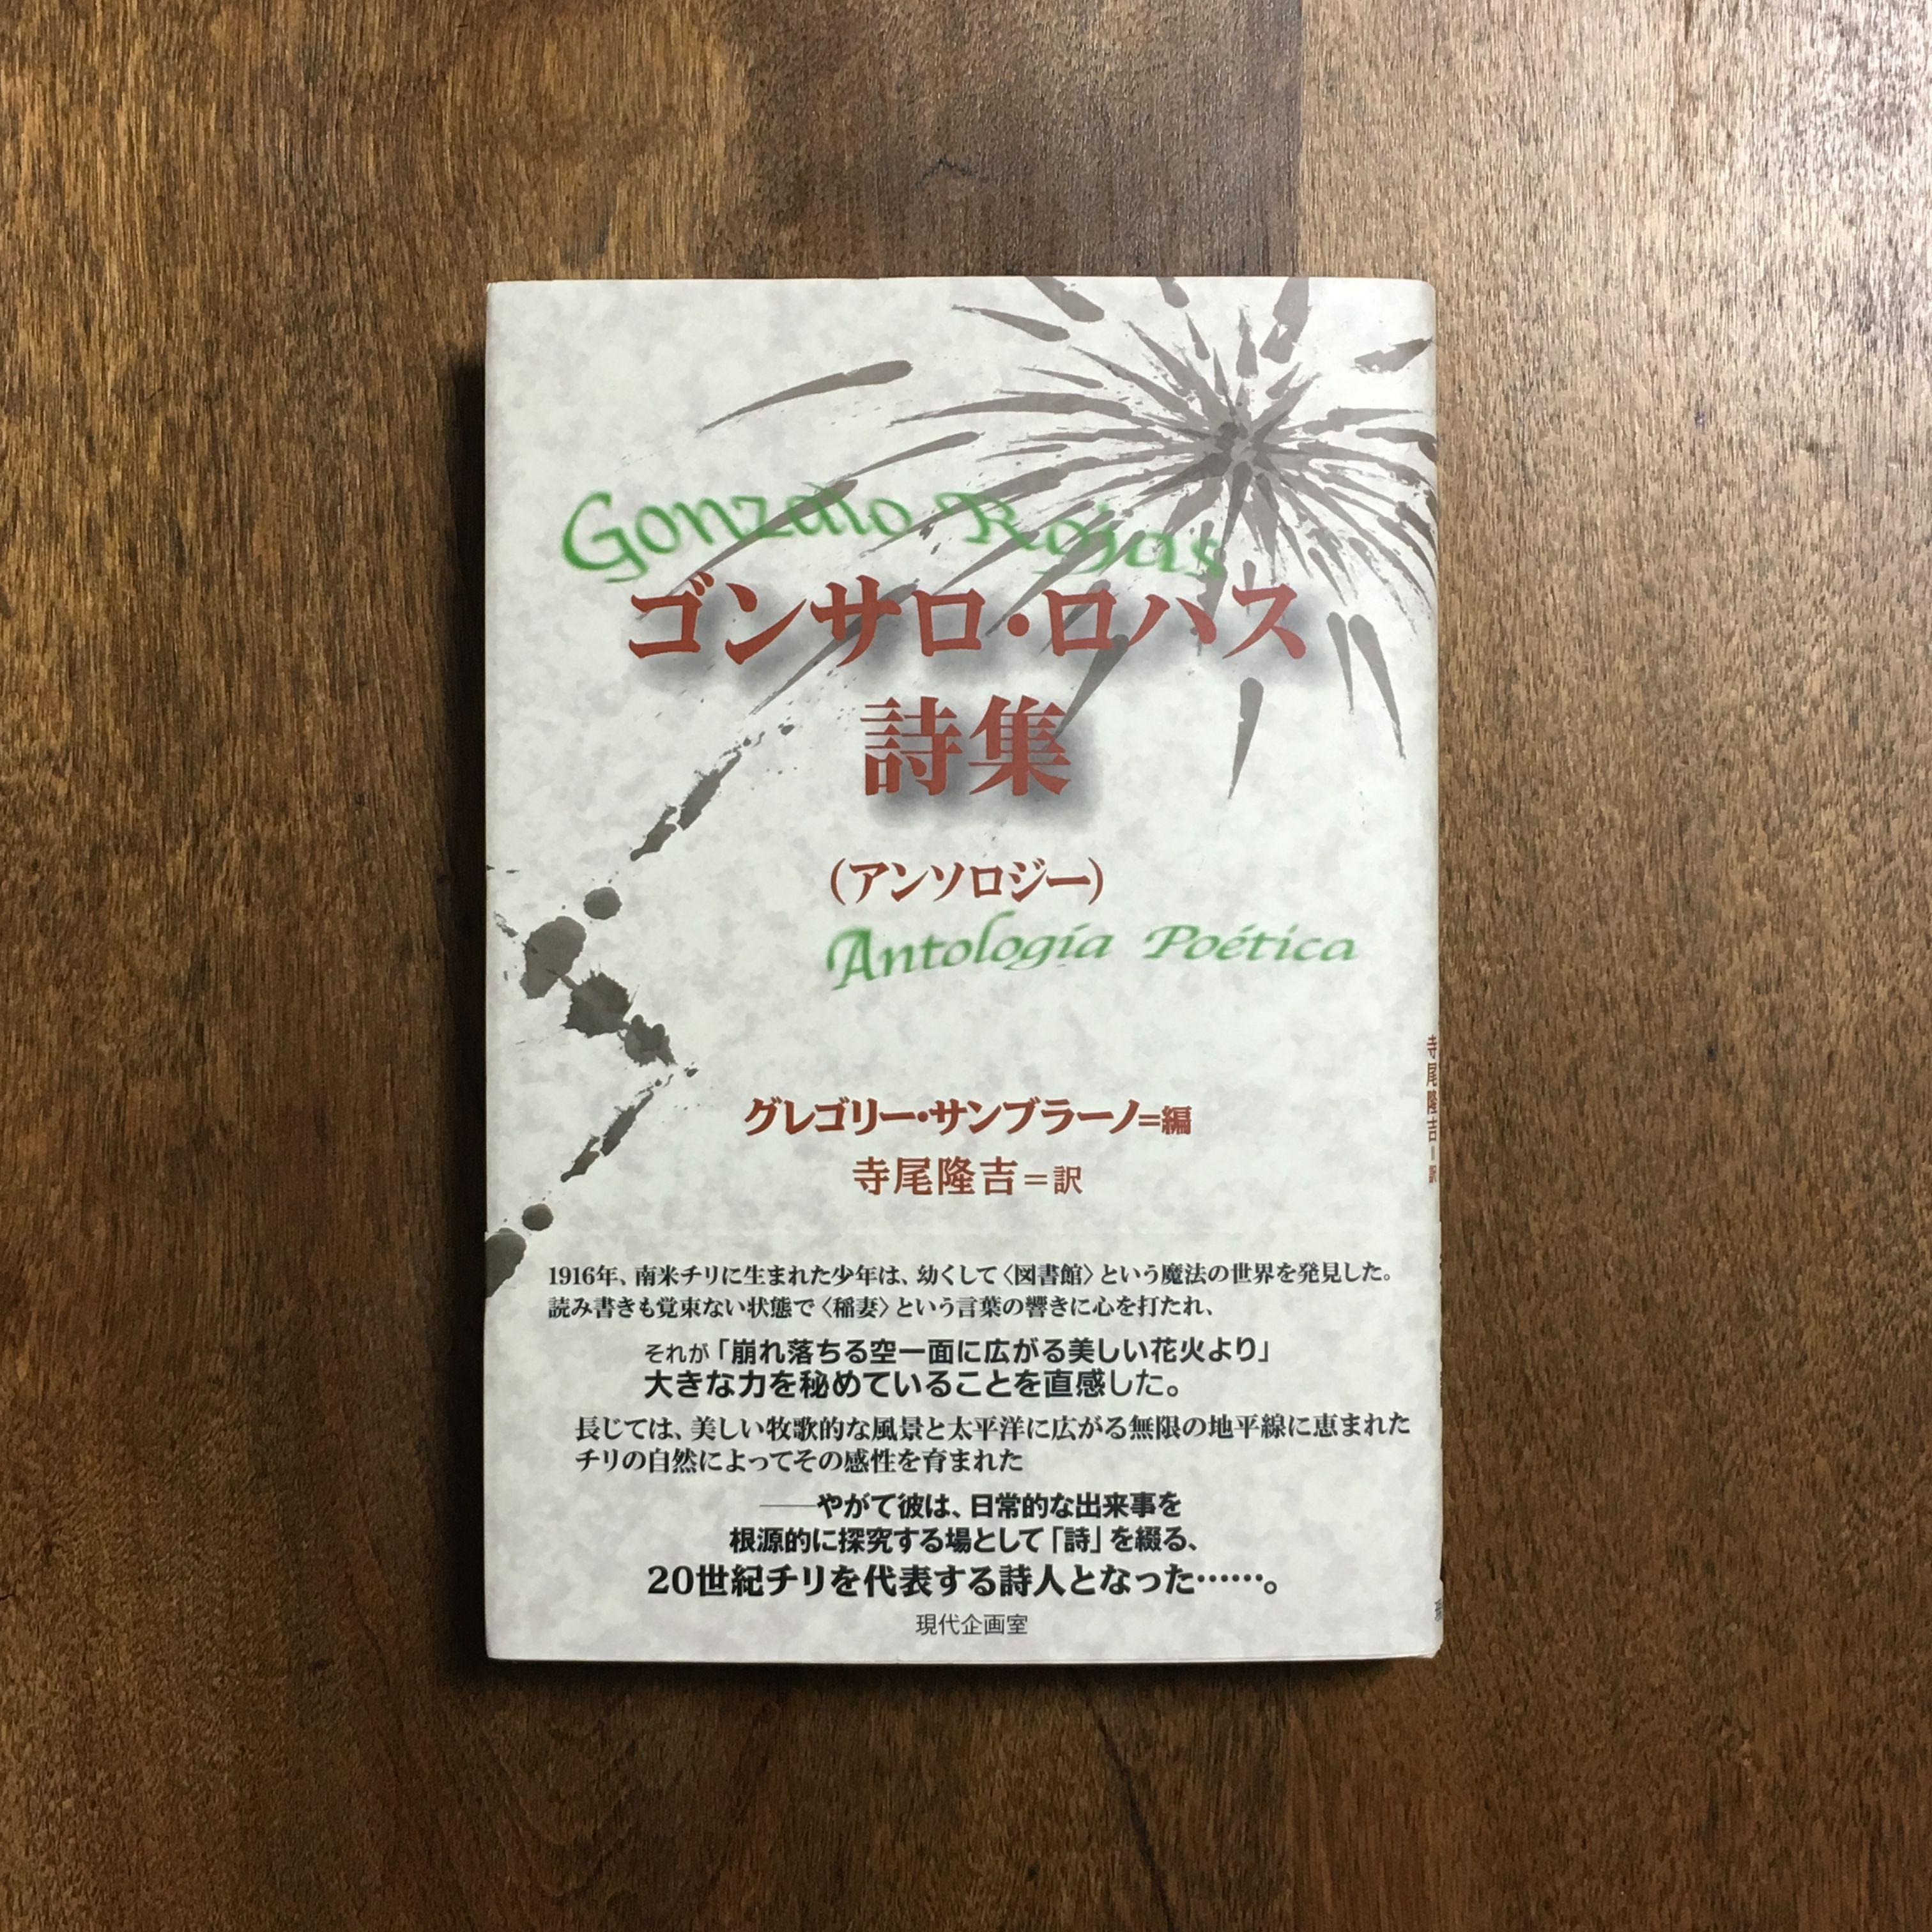 「ゴンサロ・ロハス詩集」グレゴリー・サンブラーノ 編